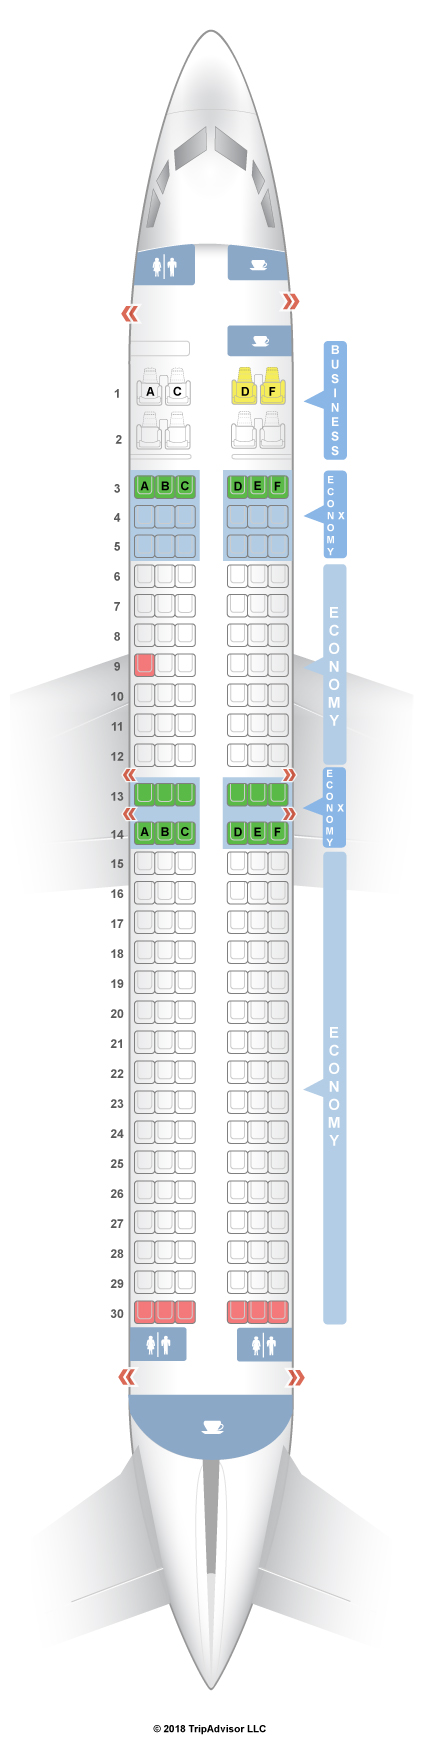 Seatguru Seat Map Virgin Australia Seatguru